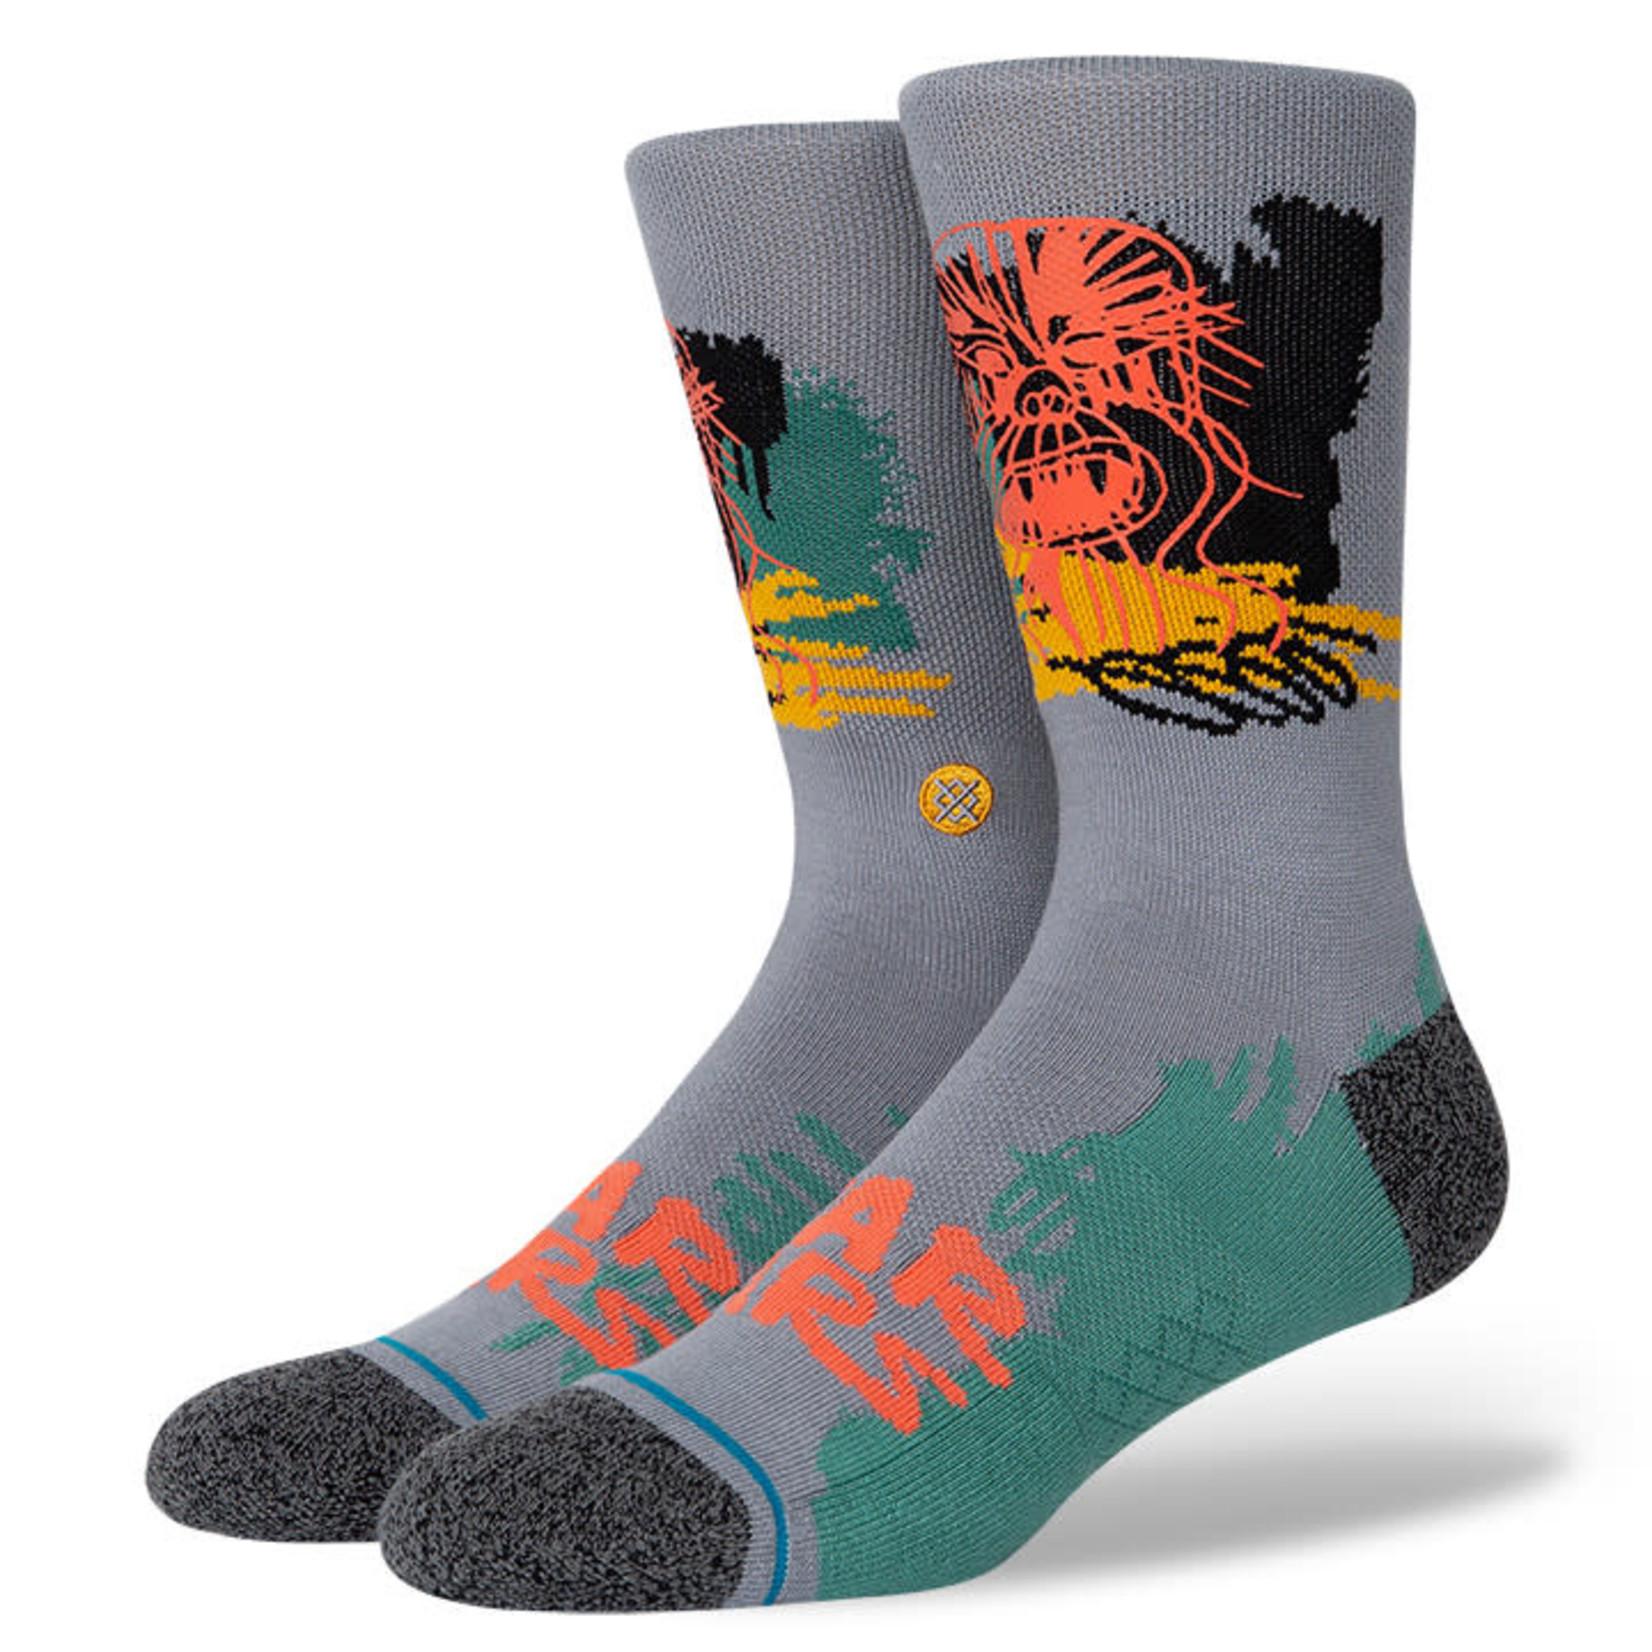 Stance Stance Socks Buffed Chewie L (Men 9-13 / Women 11-14)